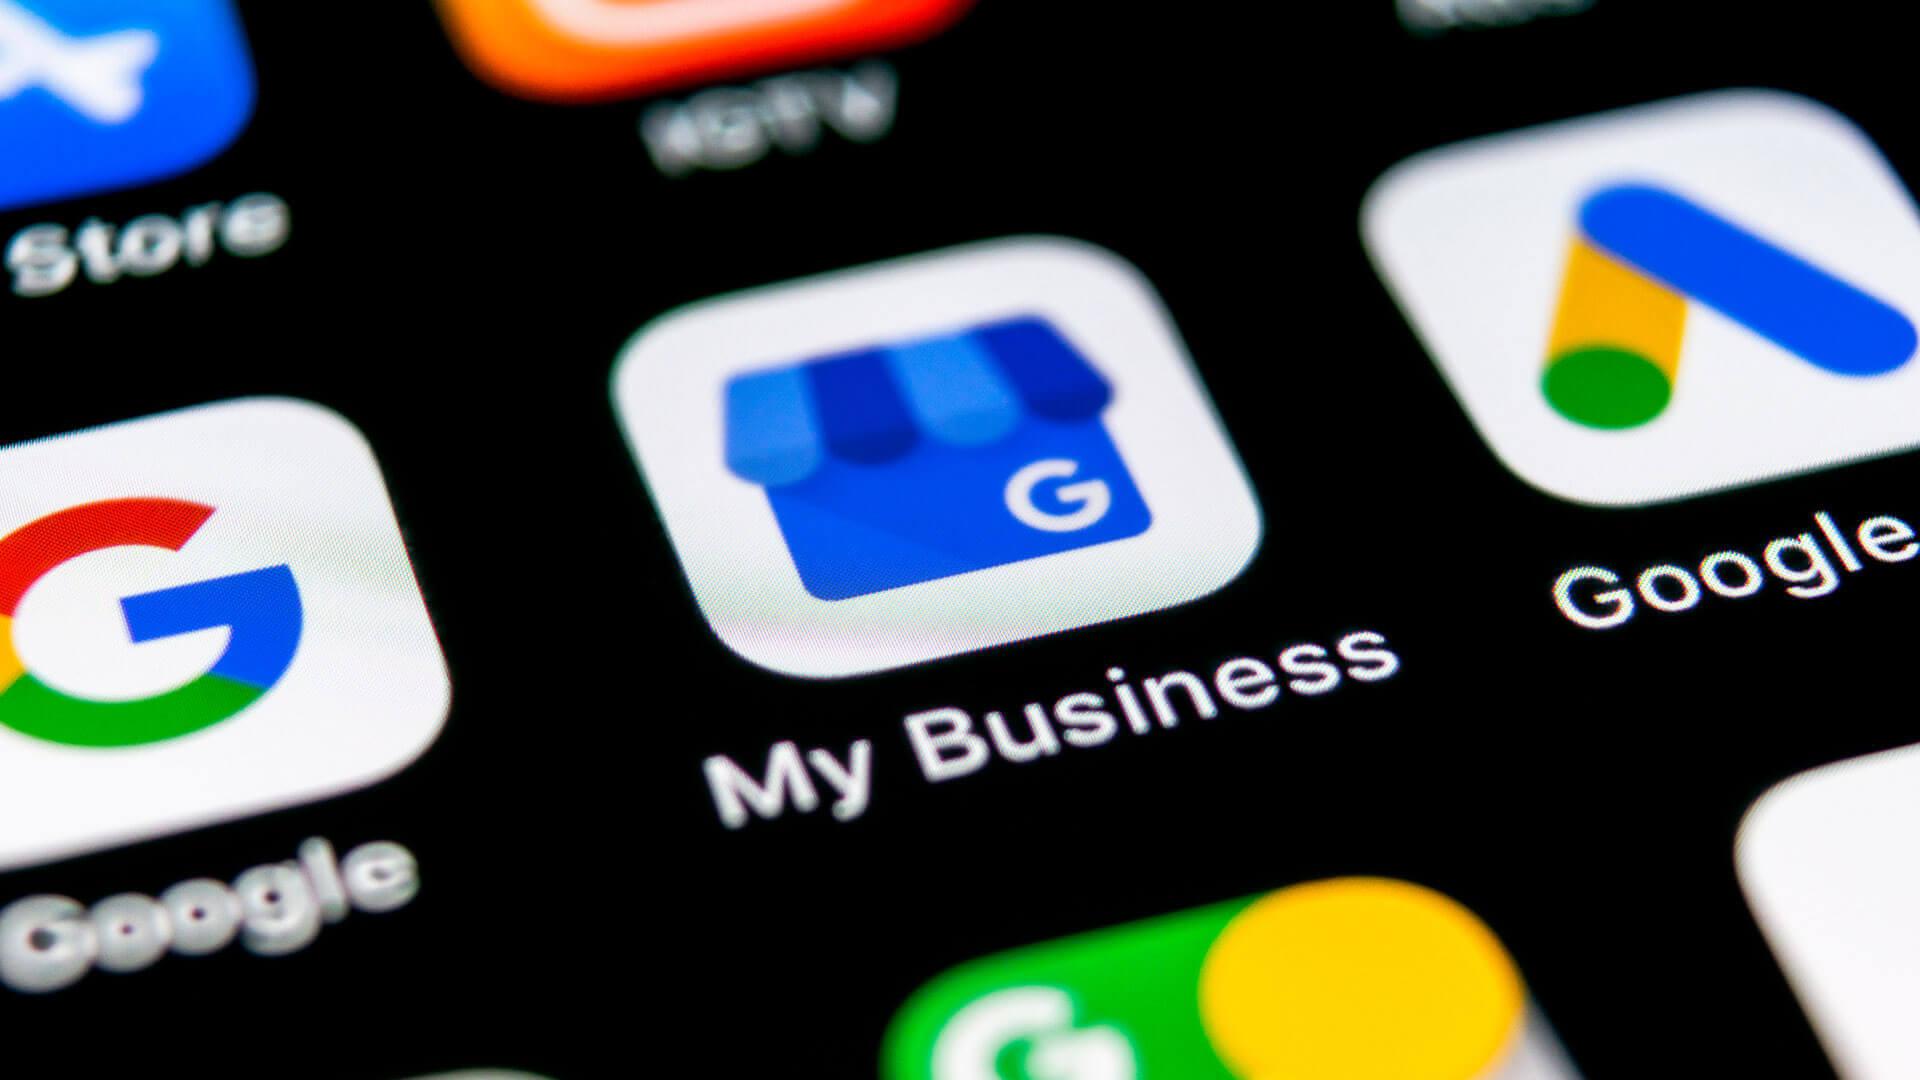 Google My Business SEO mejora la posición de su webiste